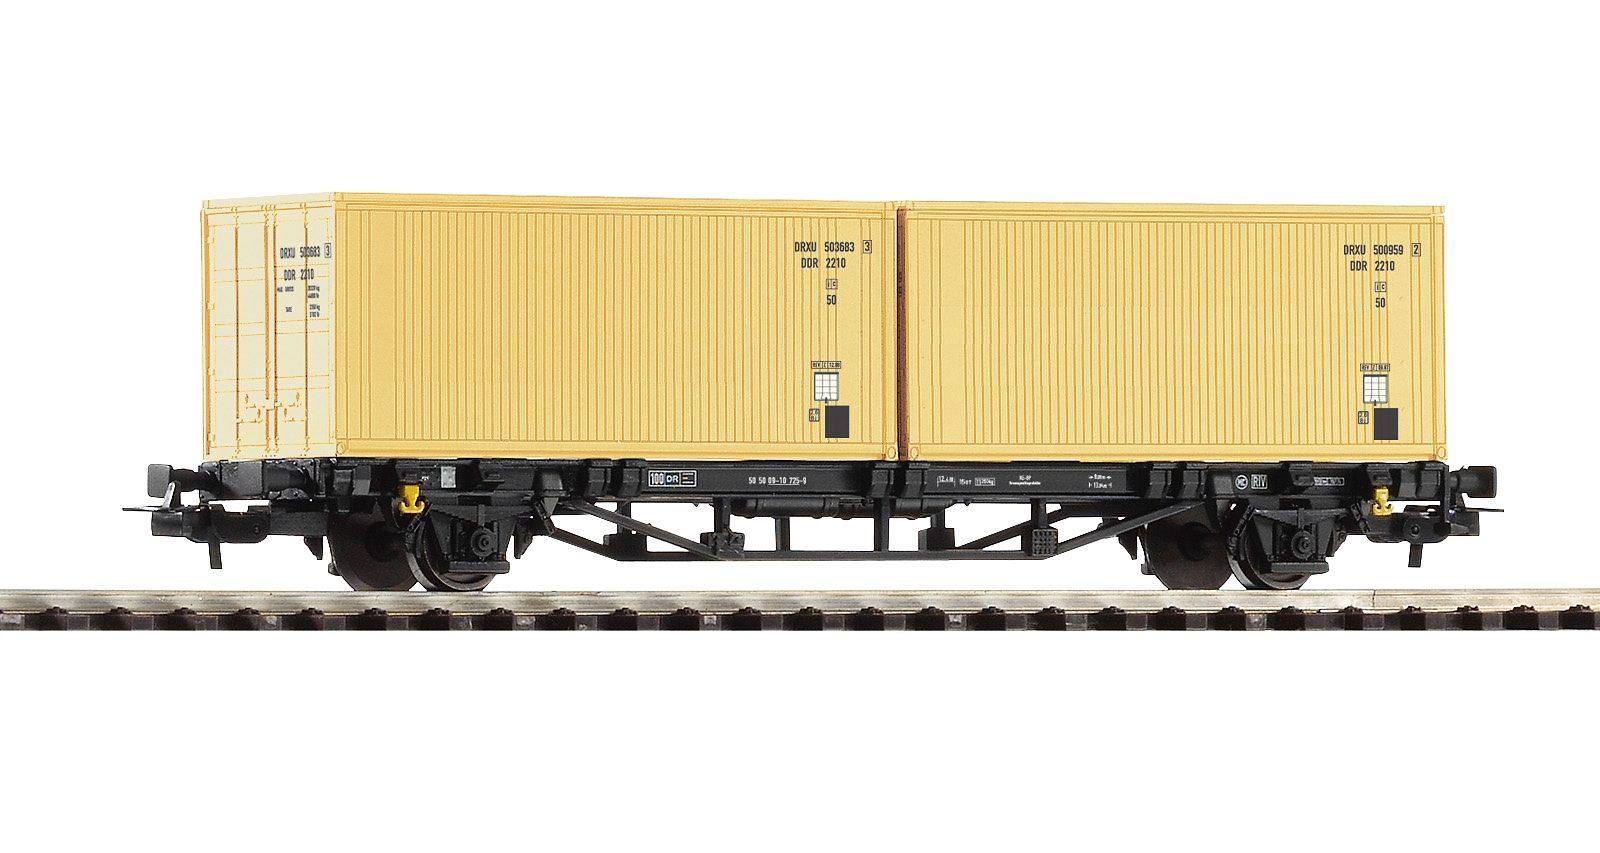 PIKO Güterwagen, »Containerwagen Lgs579 DR-Container - Gleichstrom« Spur H0